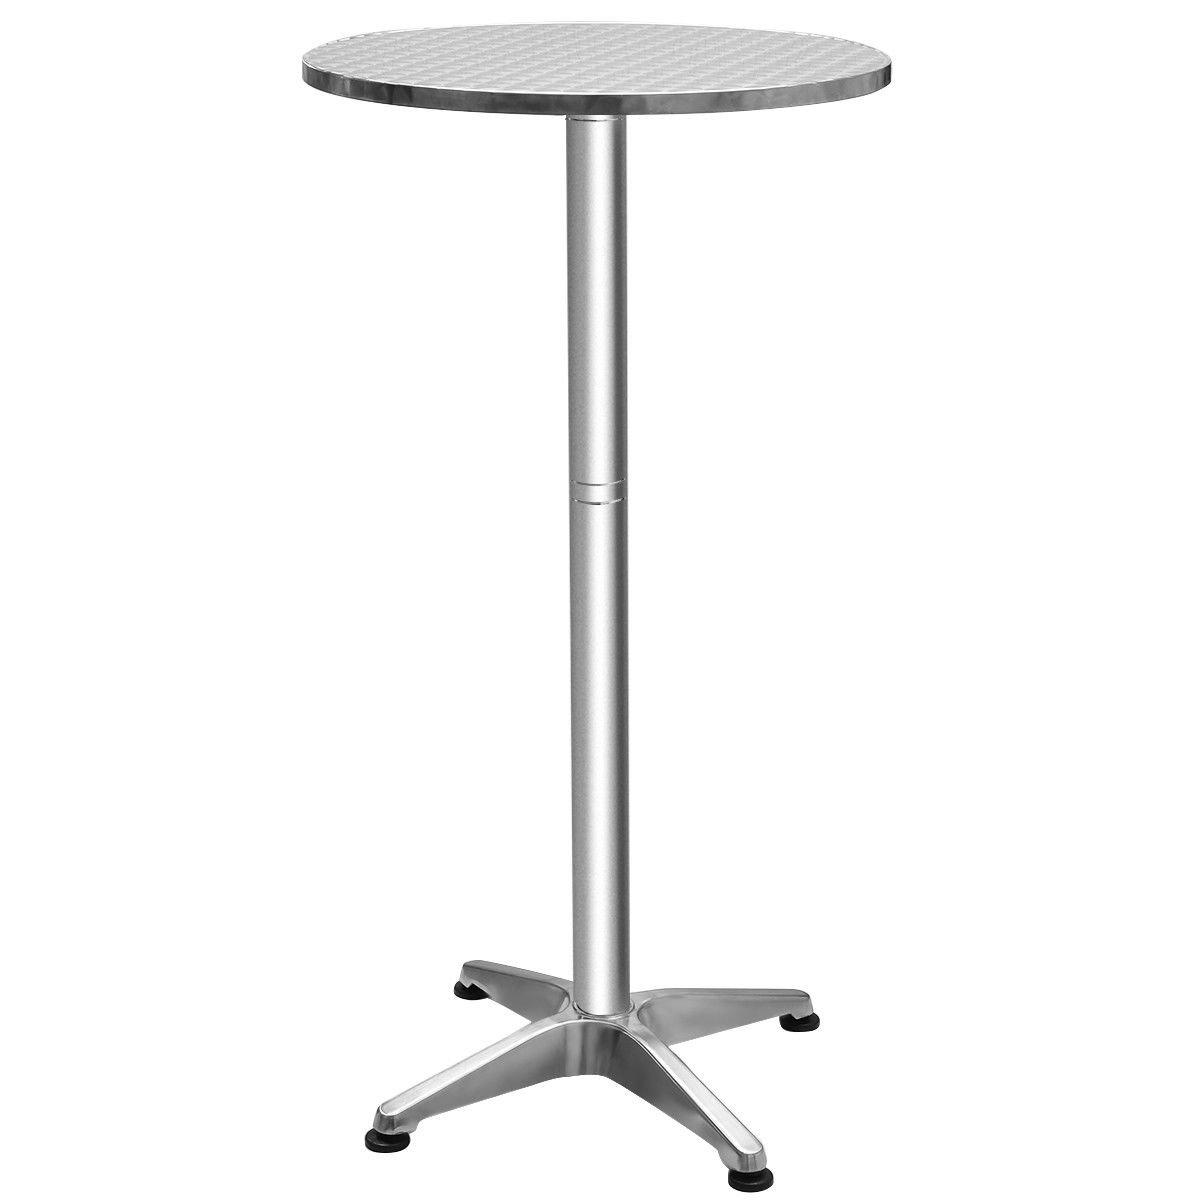 Aluminium 23 1/2'' Round Bar Table Folding Adjustable Indoor Outdoor Bistro Pub